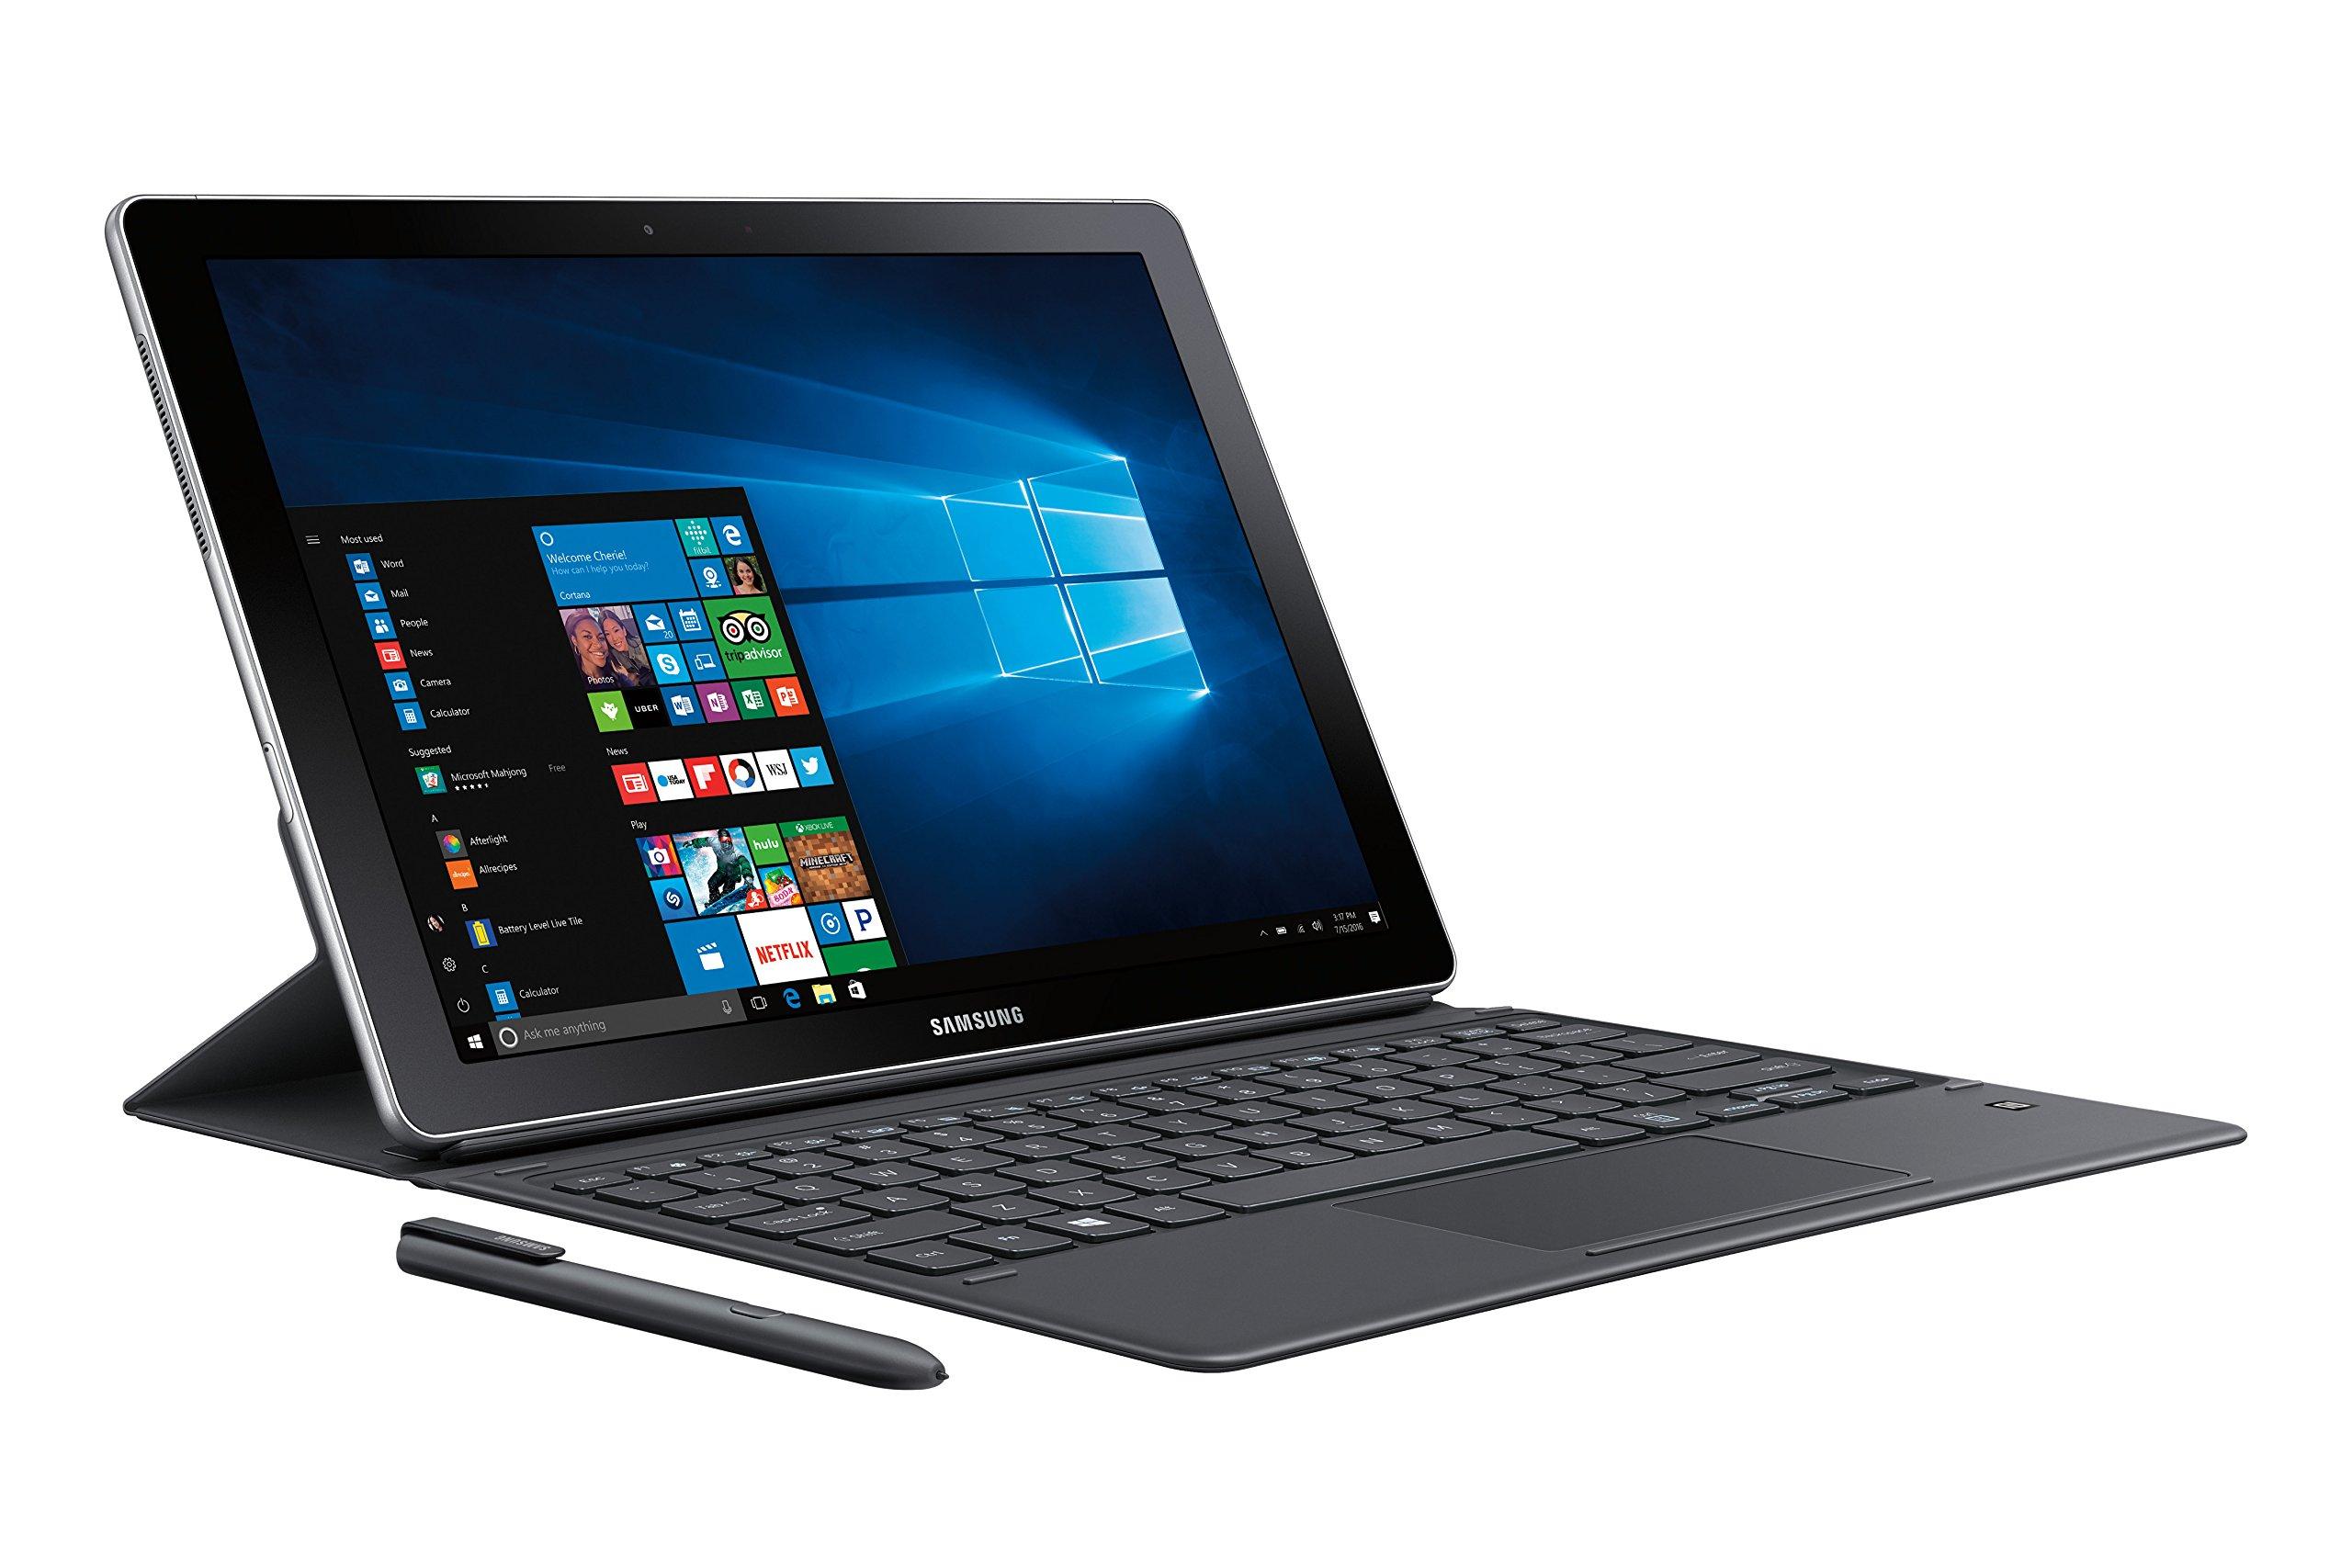 """Samsung Galaxy Book 12"""" Windows 2-in-1 PC (Wi-Fi) Silver, 8GB RAM/256GB SSD, SM-W720NZKAXAR by Samsung (Image #3)"""